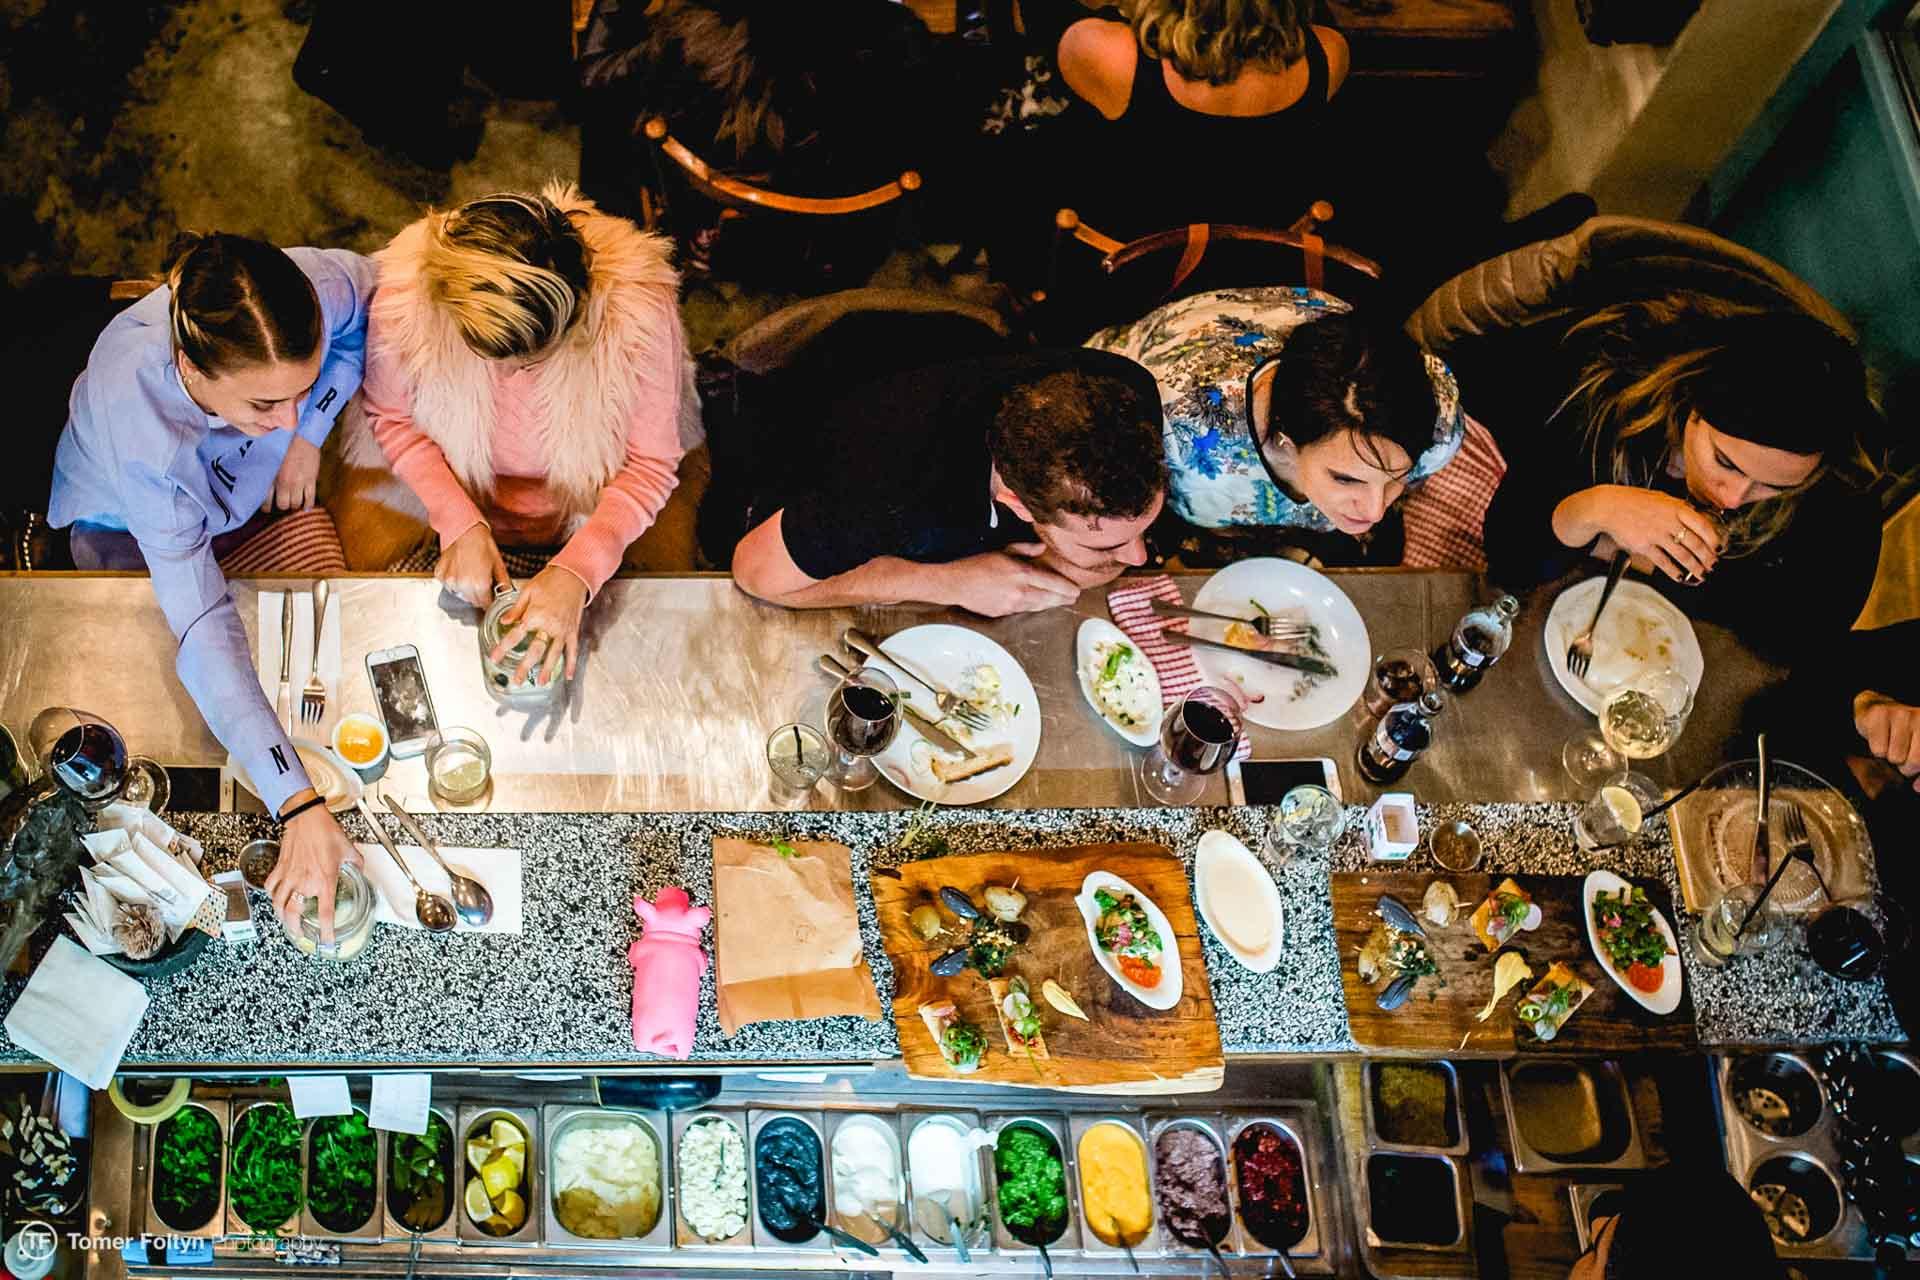 Du 14 au 18 novembre dernier se tenait la seconde édition d'Open Restaurants à Jérusalem. Un festival sous forme de fenêtre ouverte sur une cuisine israélienne plurielle.